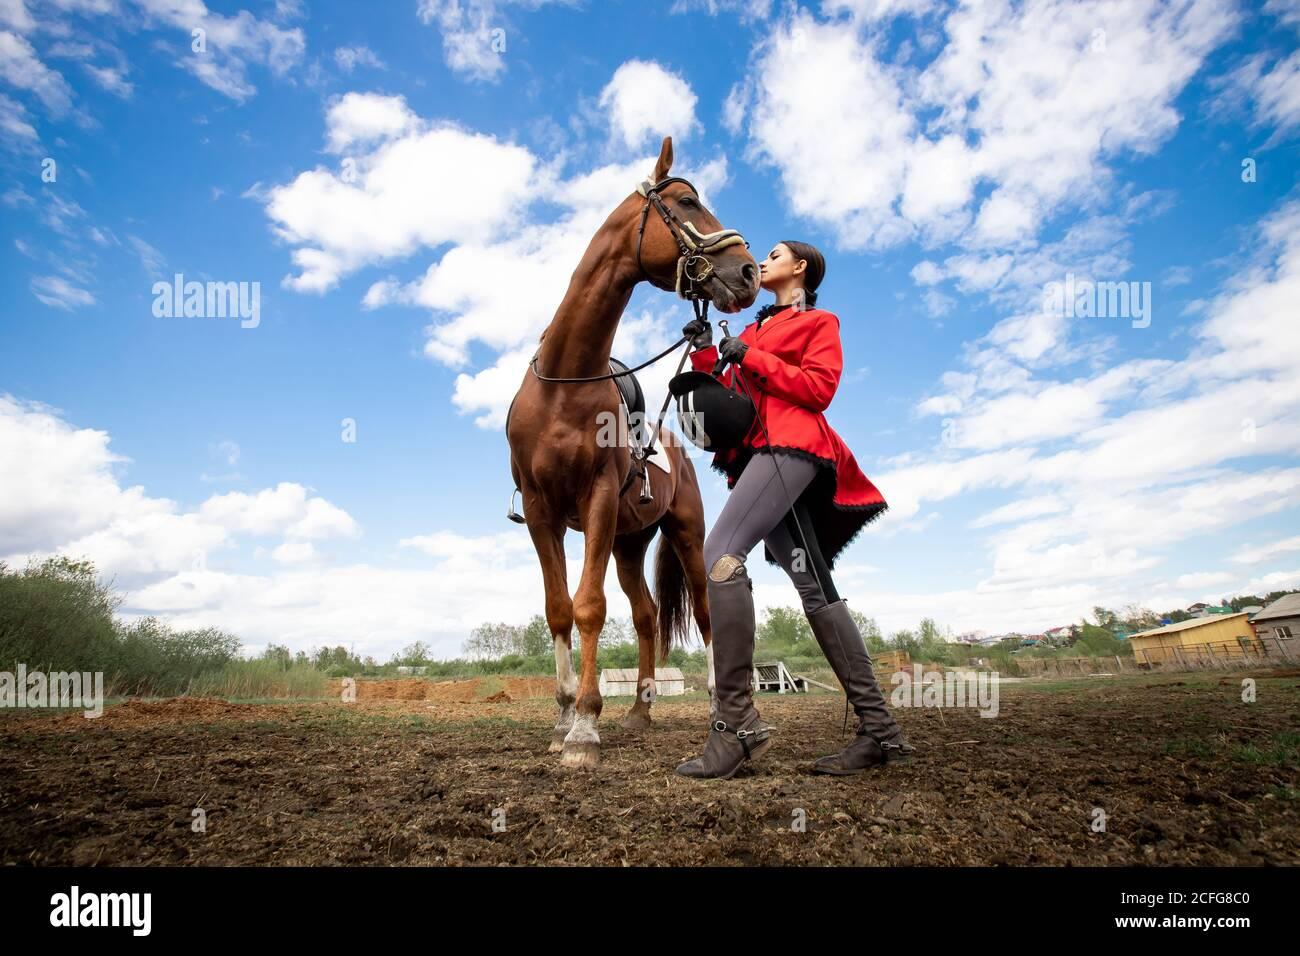 Deporte ecuestre, jockey joven mujer está montando caballo marrón Foto de stock